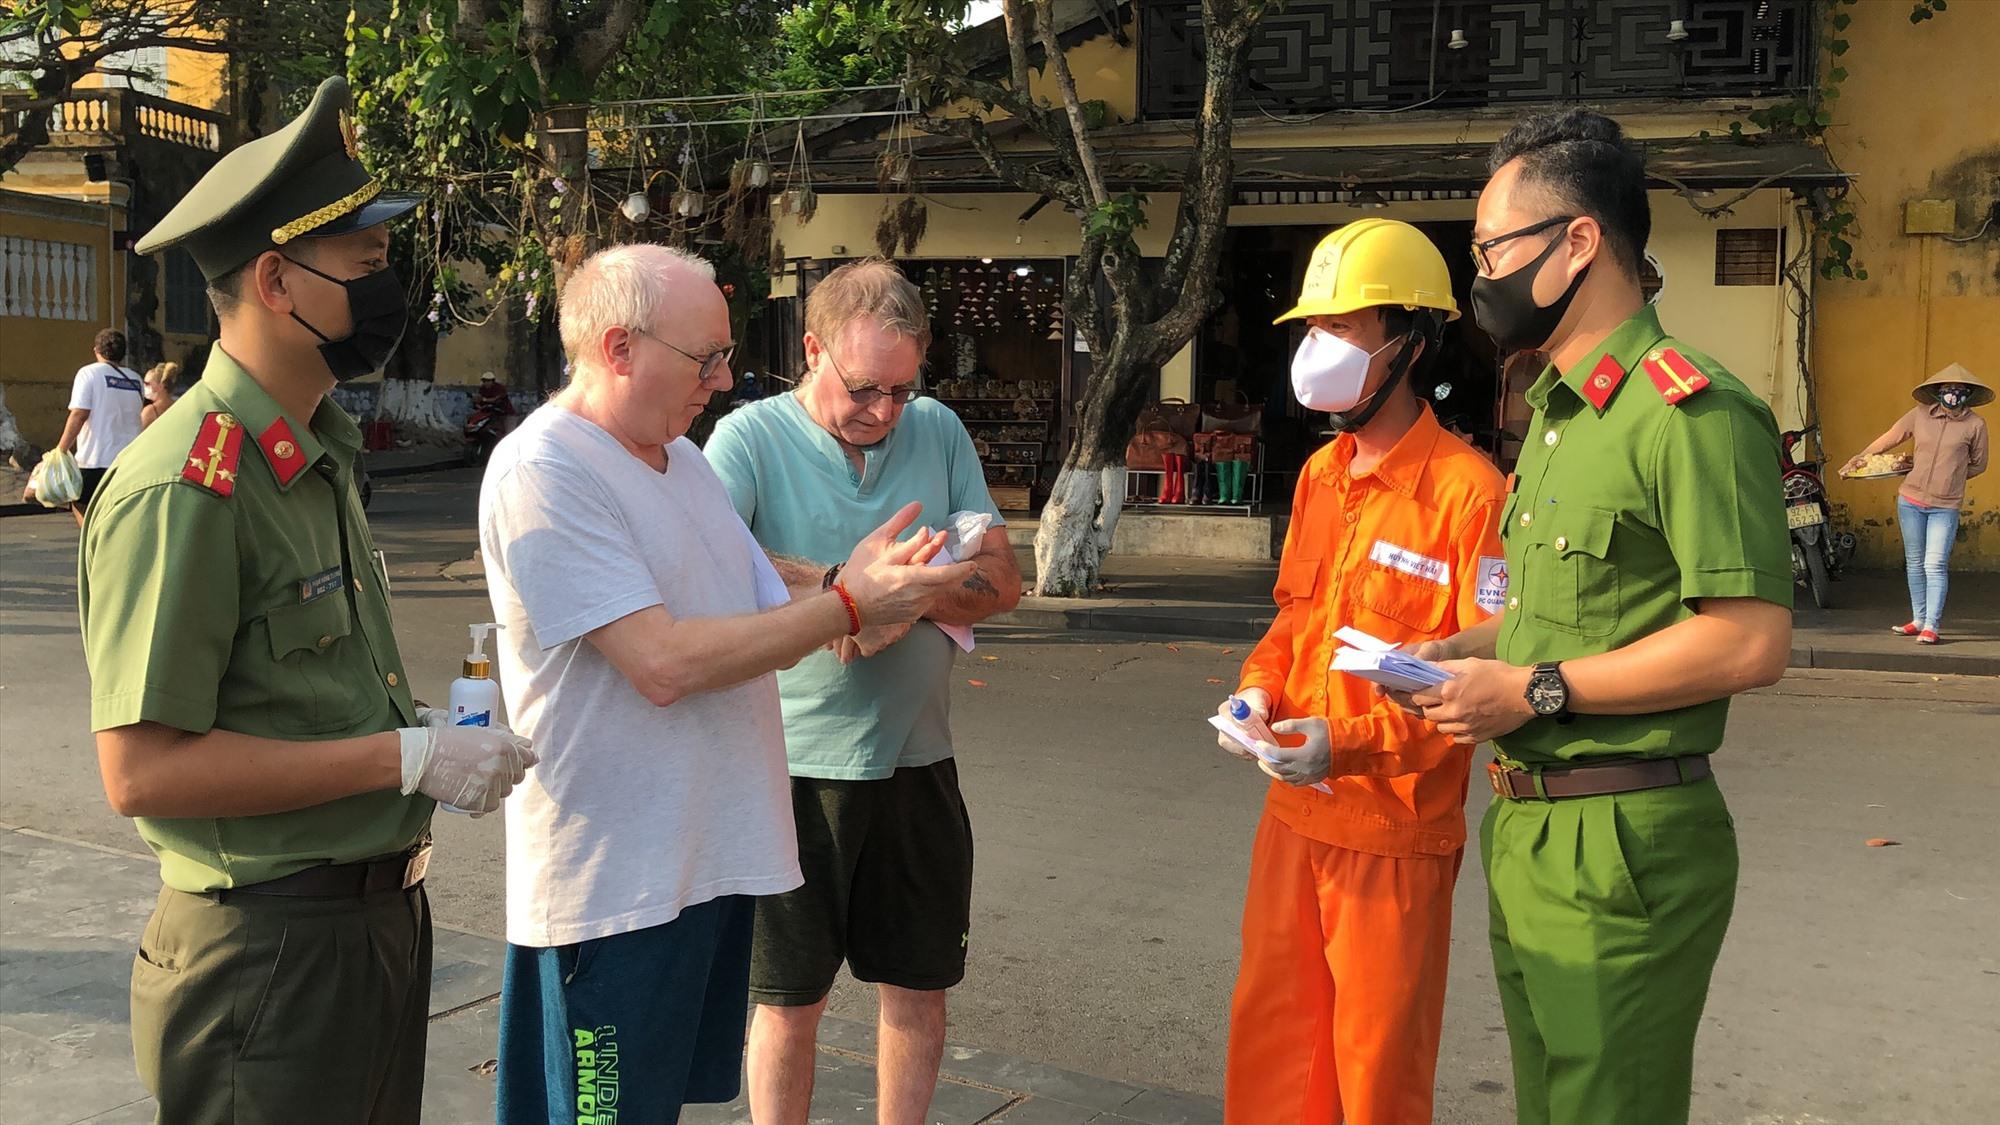 1.000 khẩu trang và 500 chai dung dịch sát khuẩn được trao tặng cho khách du lịch. Ảnh: L.M